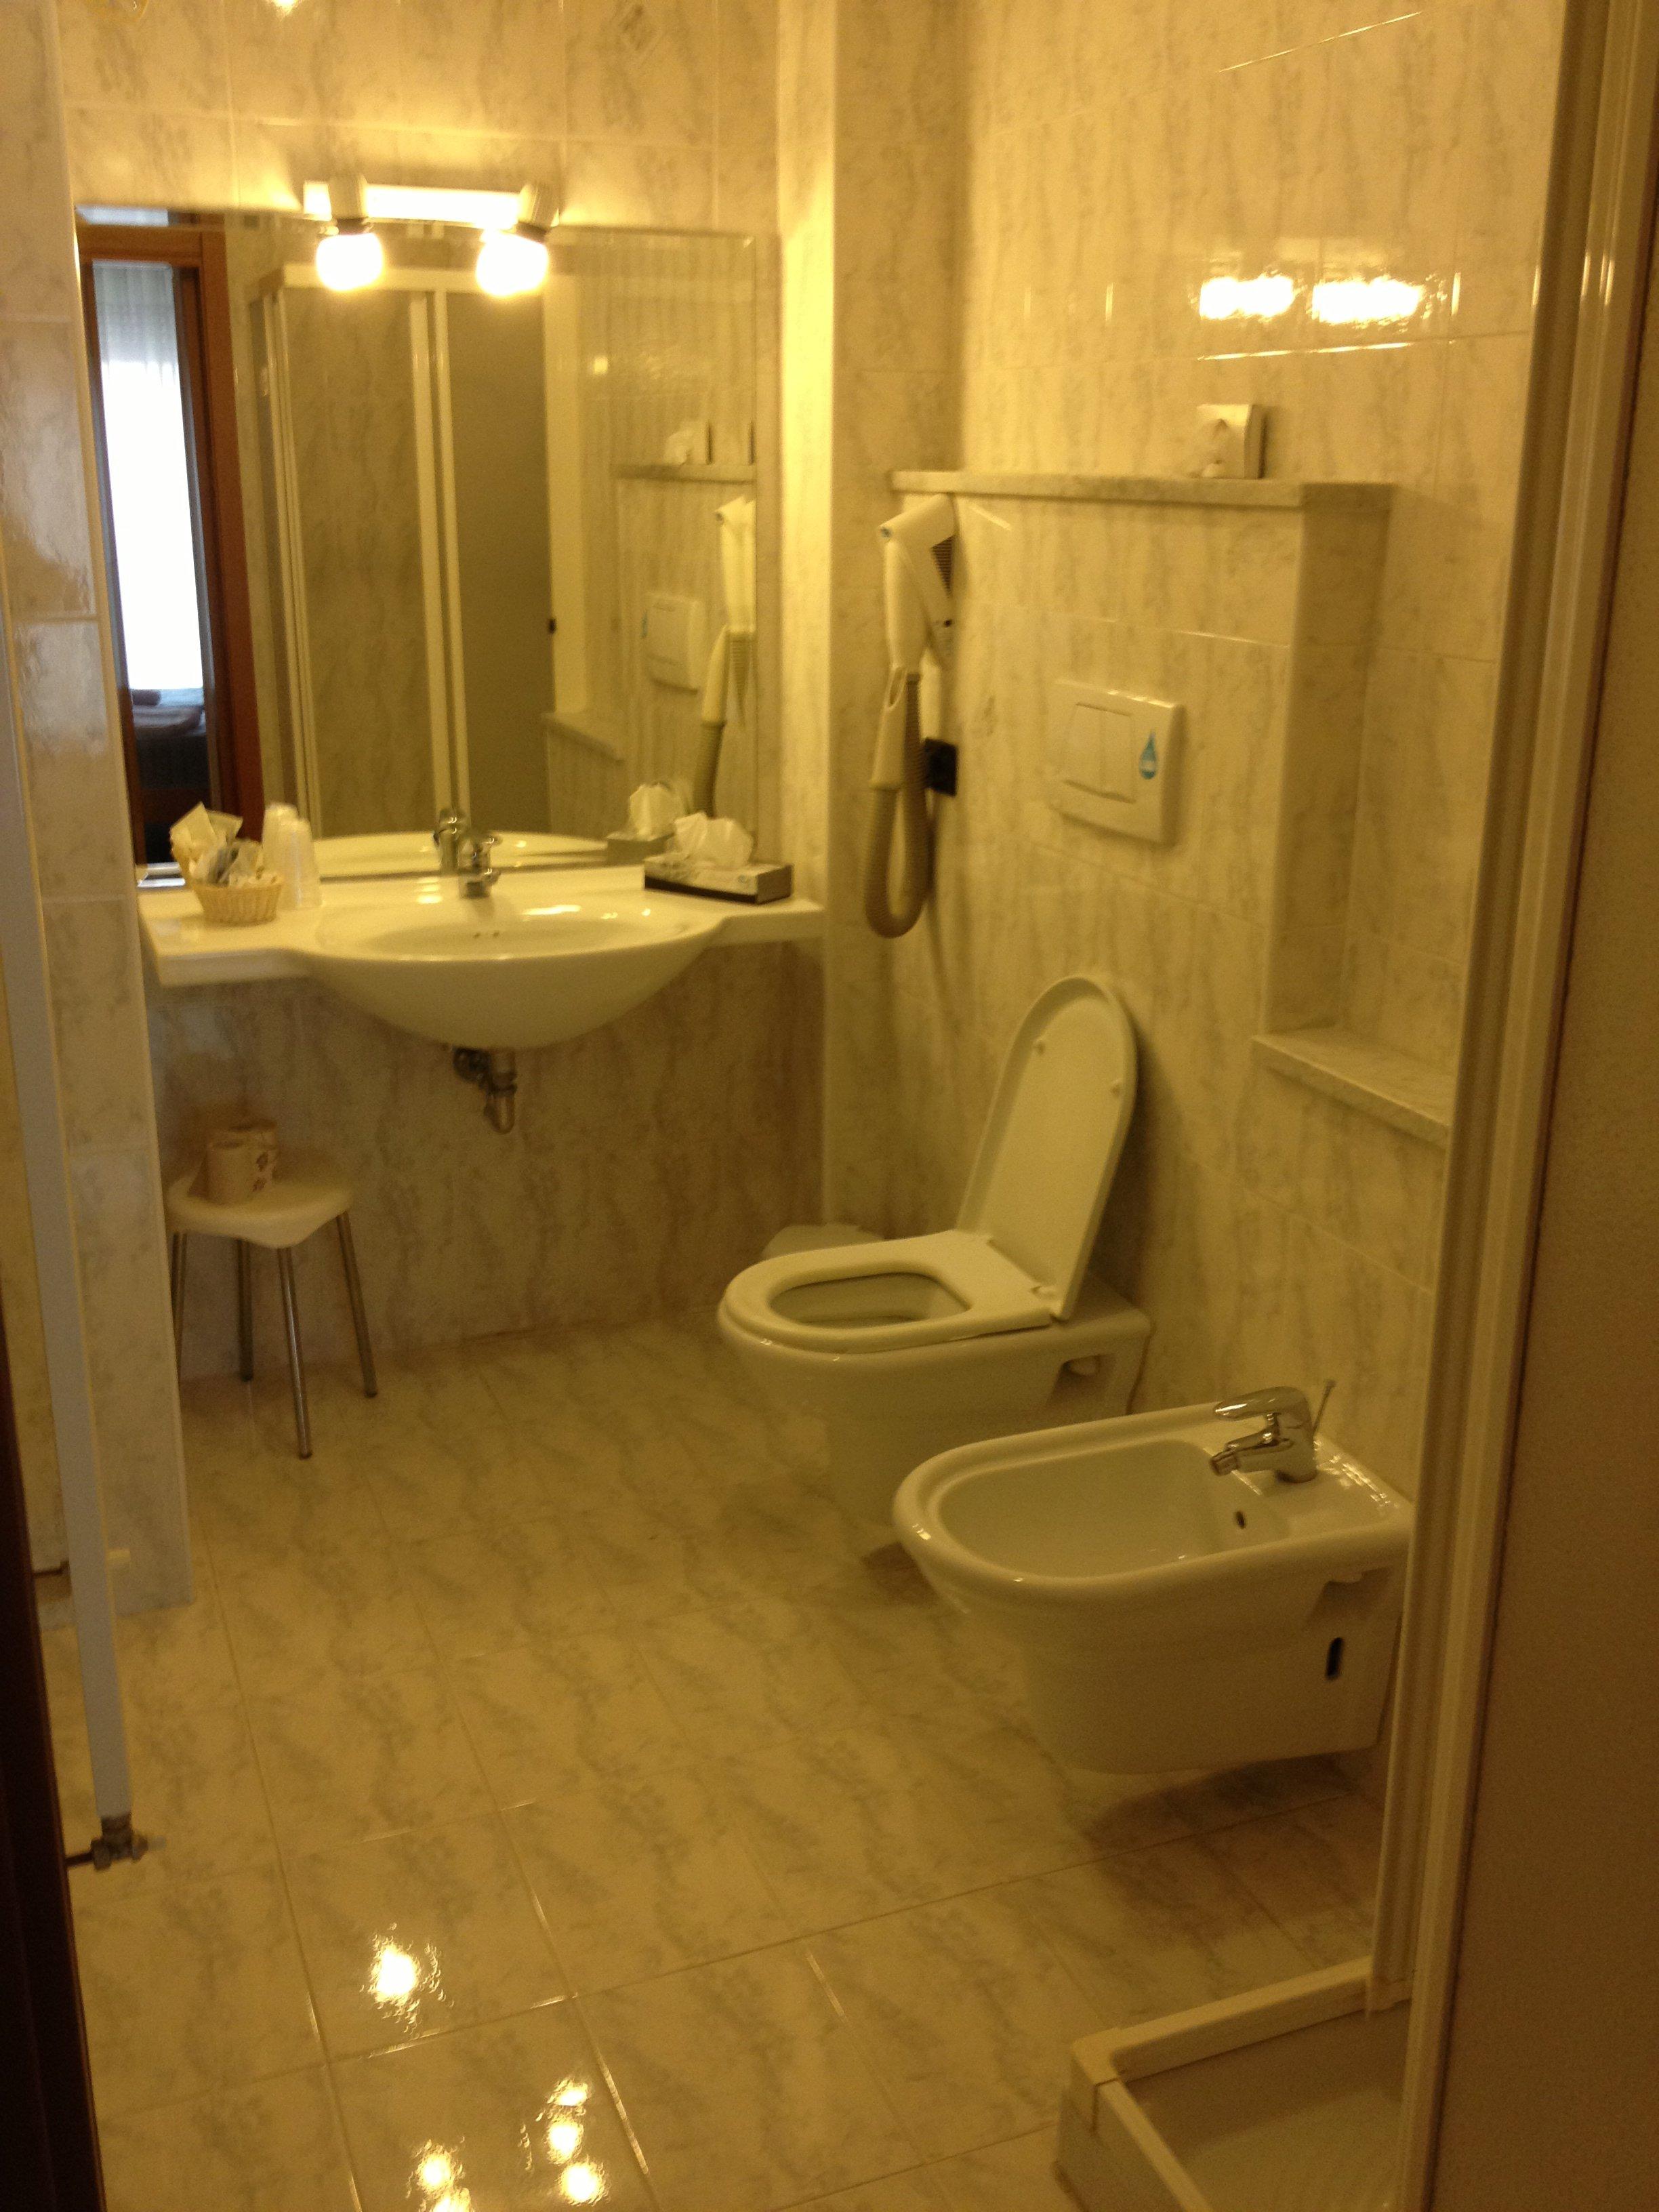 Bagno di hotel con water, bidet e lavabo